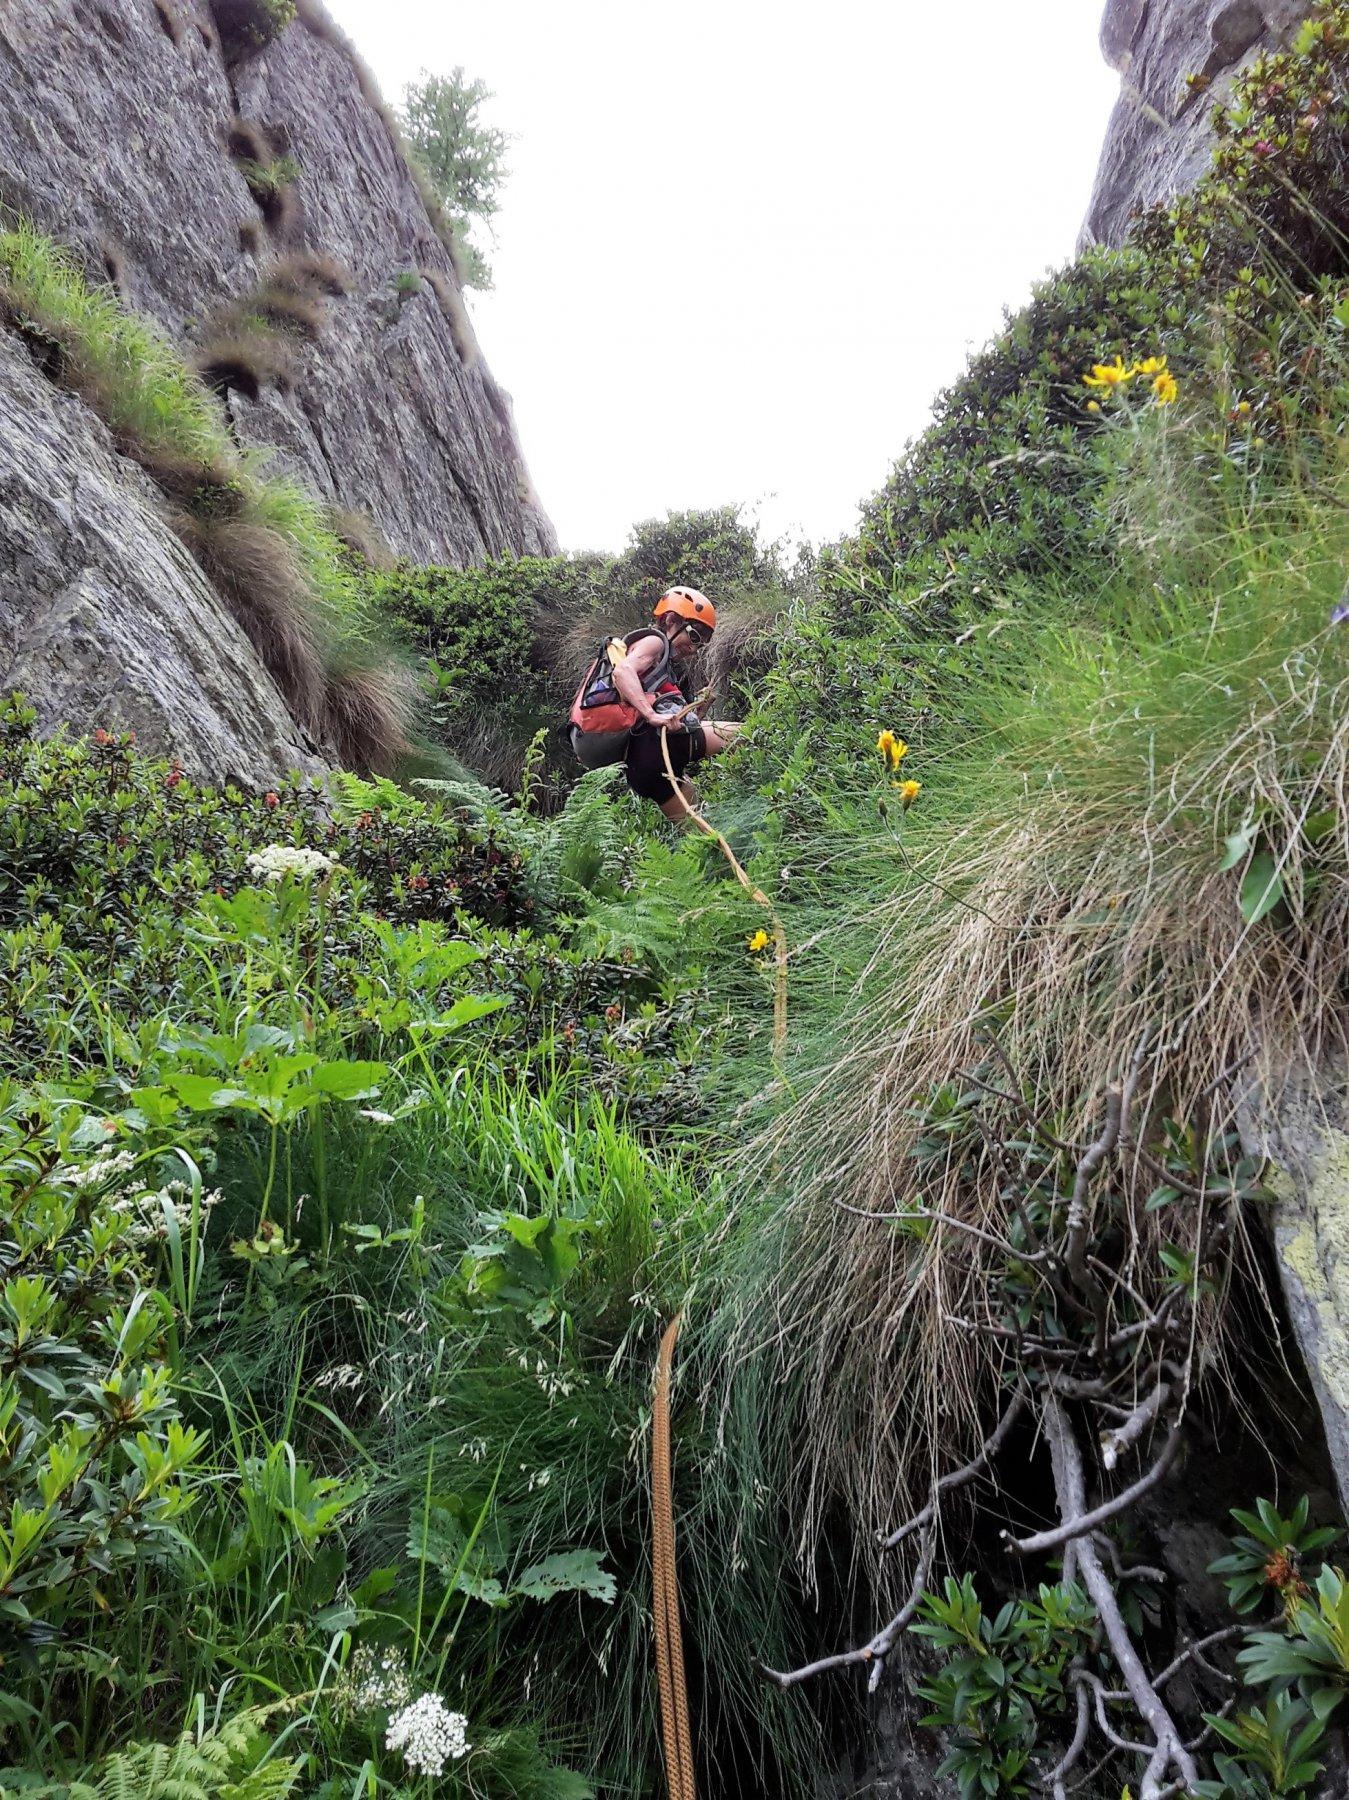 seconda doppia consigliata fra gli arbusti del canalone